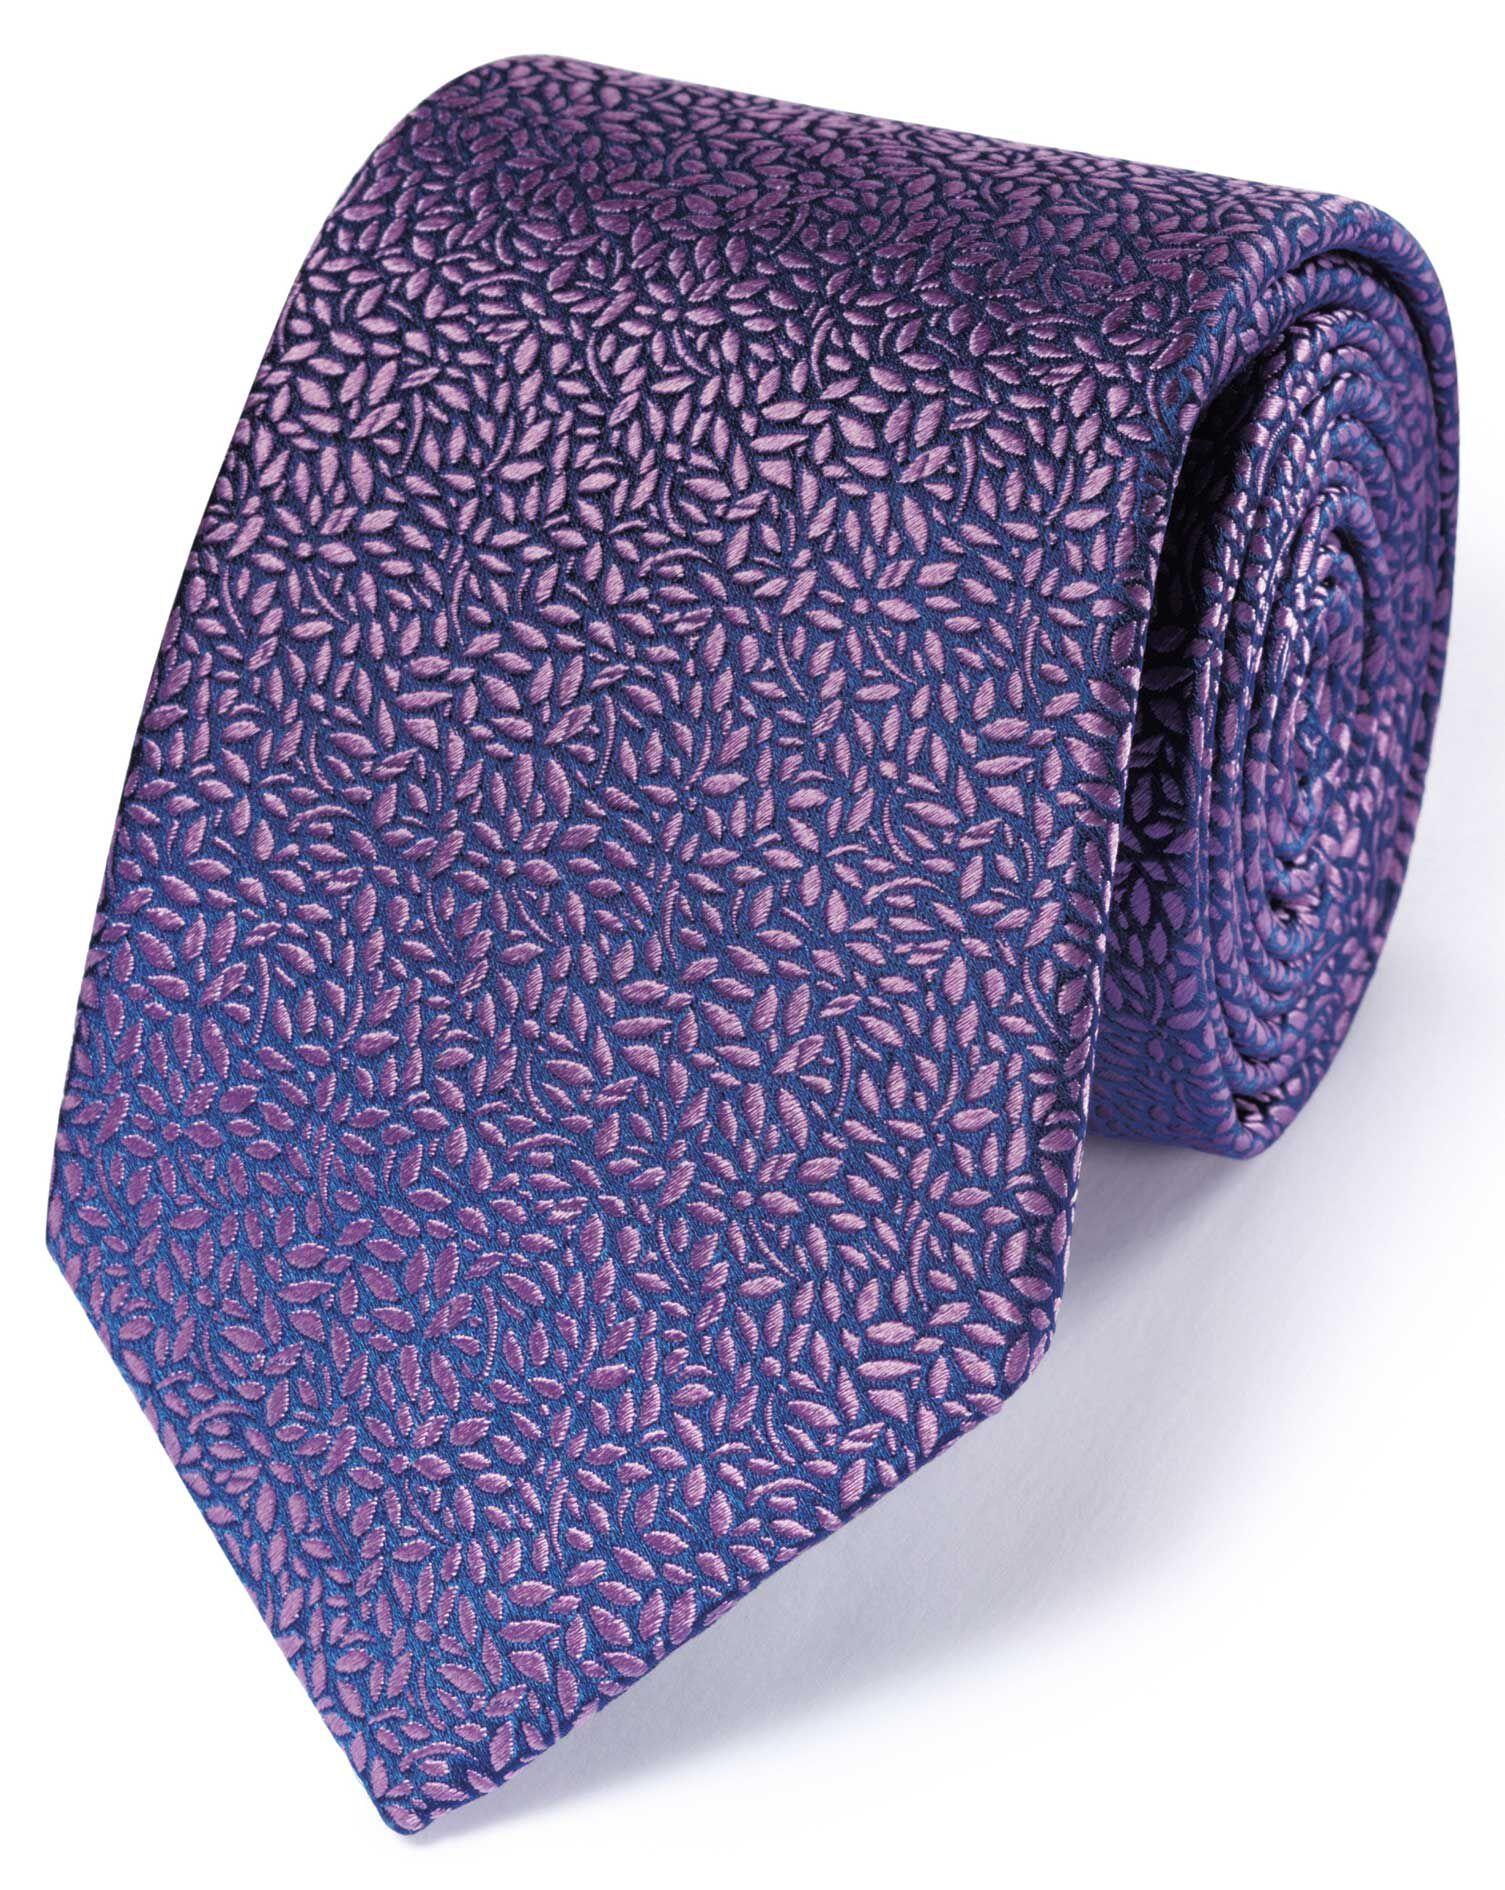 Lilac Silk English Luxury Floral Leaf Tie Size OSFA by Charles Tyrwhitt